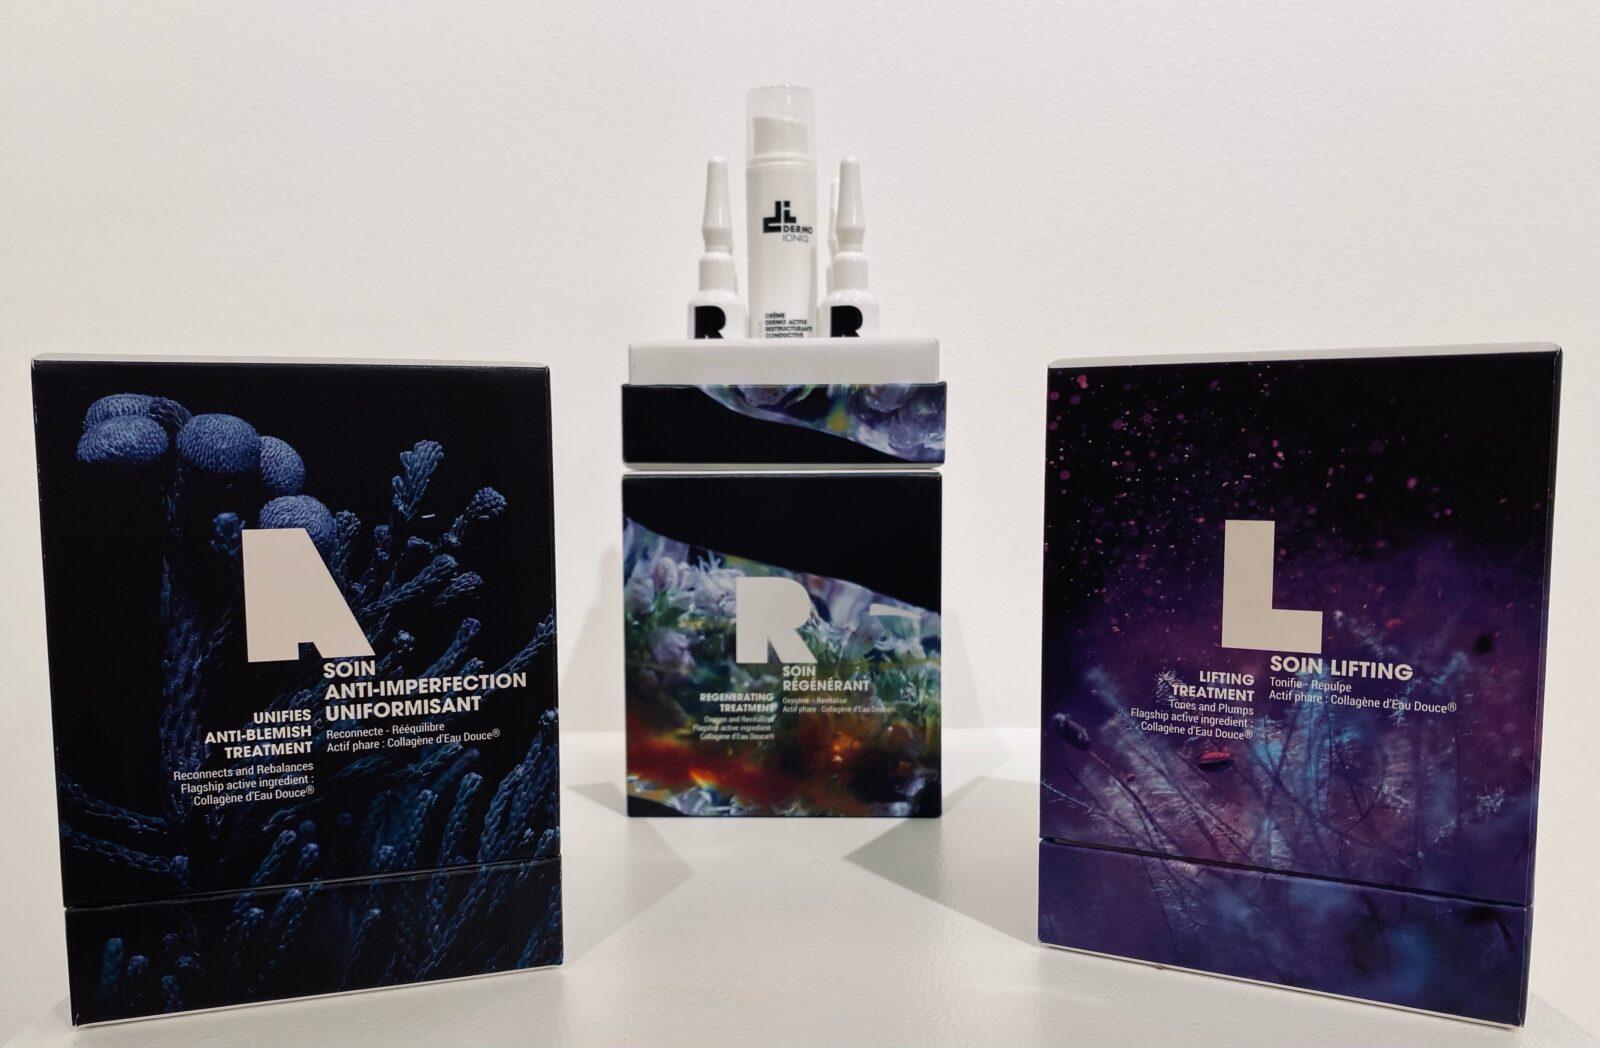 Dermoioniq, des soins haut de gamme made in France pour une peau sublimée